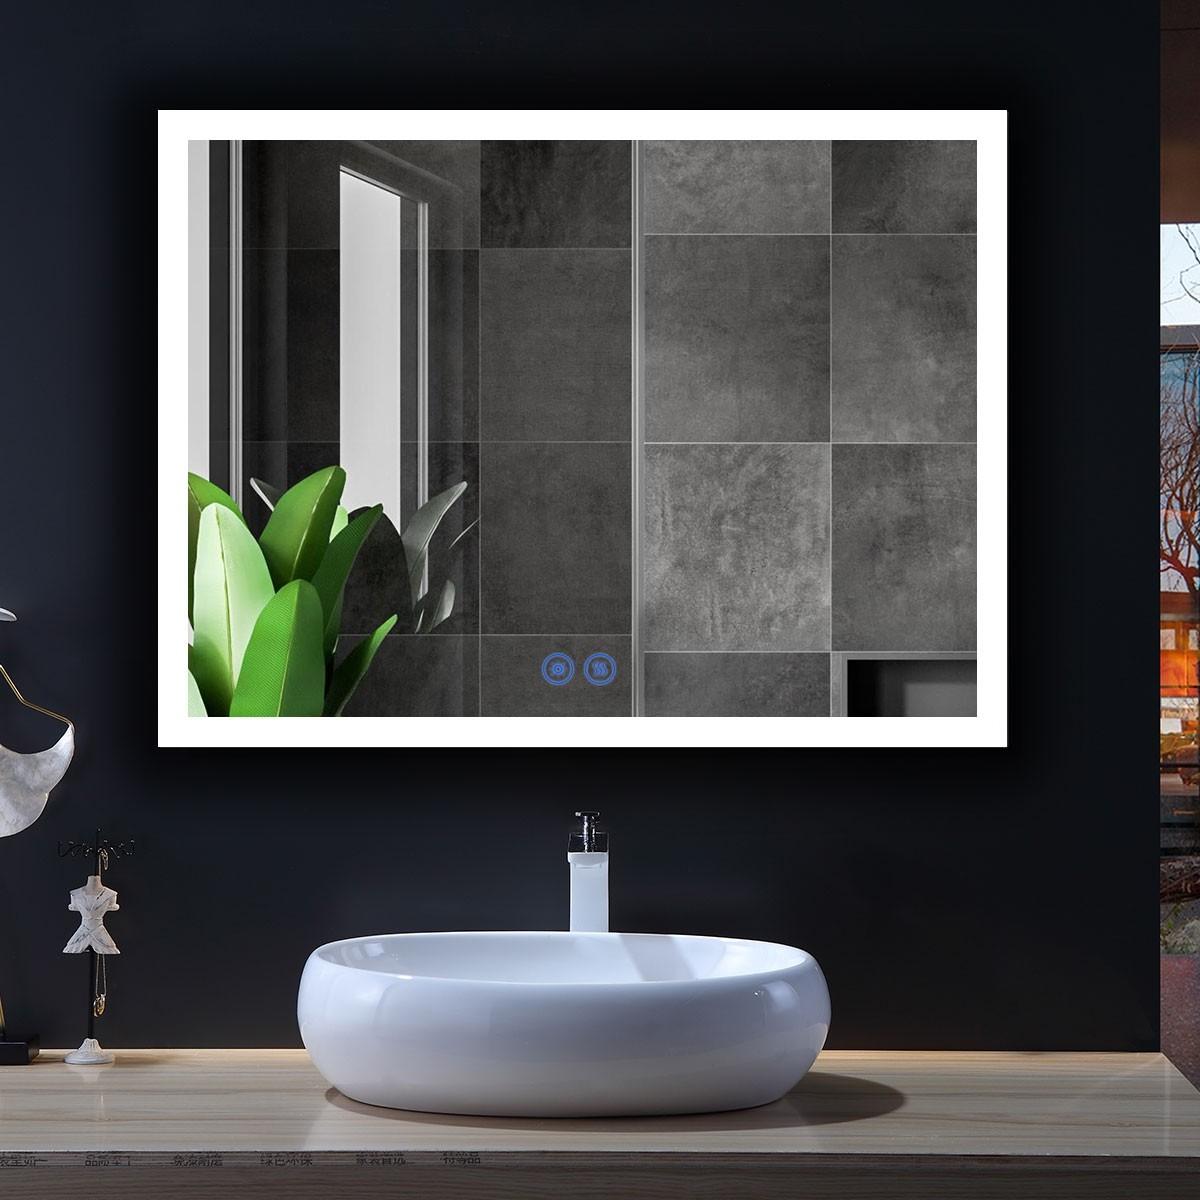 DECORAPORT 48 x 36 Po Miroir de Salle de Bain LED/Miroir Chambre avec Bouton Tactile, Anti-Buée, Luminosité Réglable, Bluetooth, Montage Vertical & Horizontal (D124-4836A)